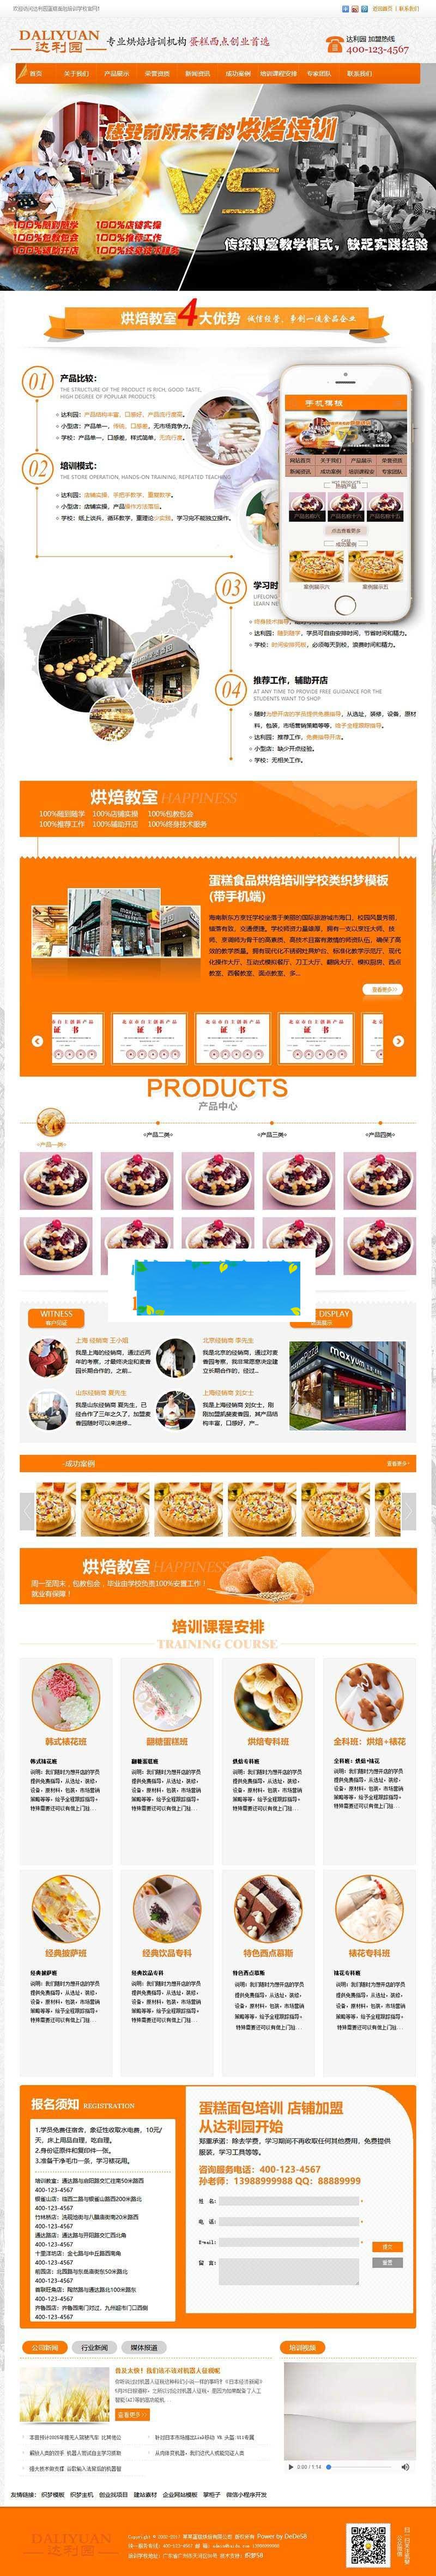 织梦dedecms蛋糕食品烘焙培训学校网站模板(带手机移动端)